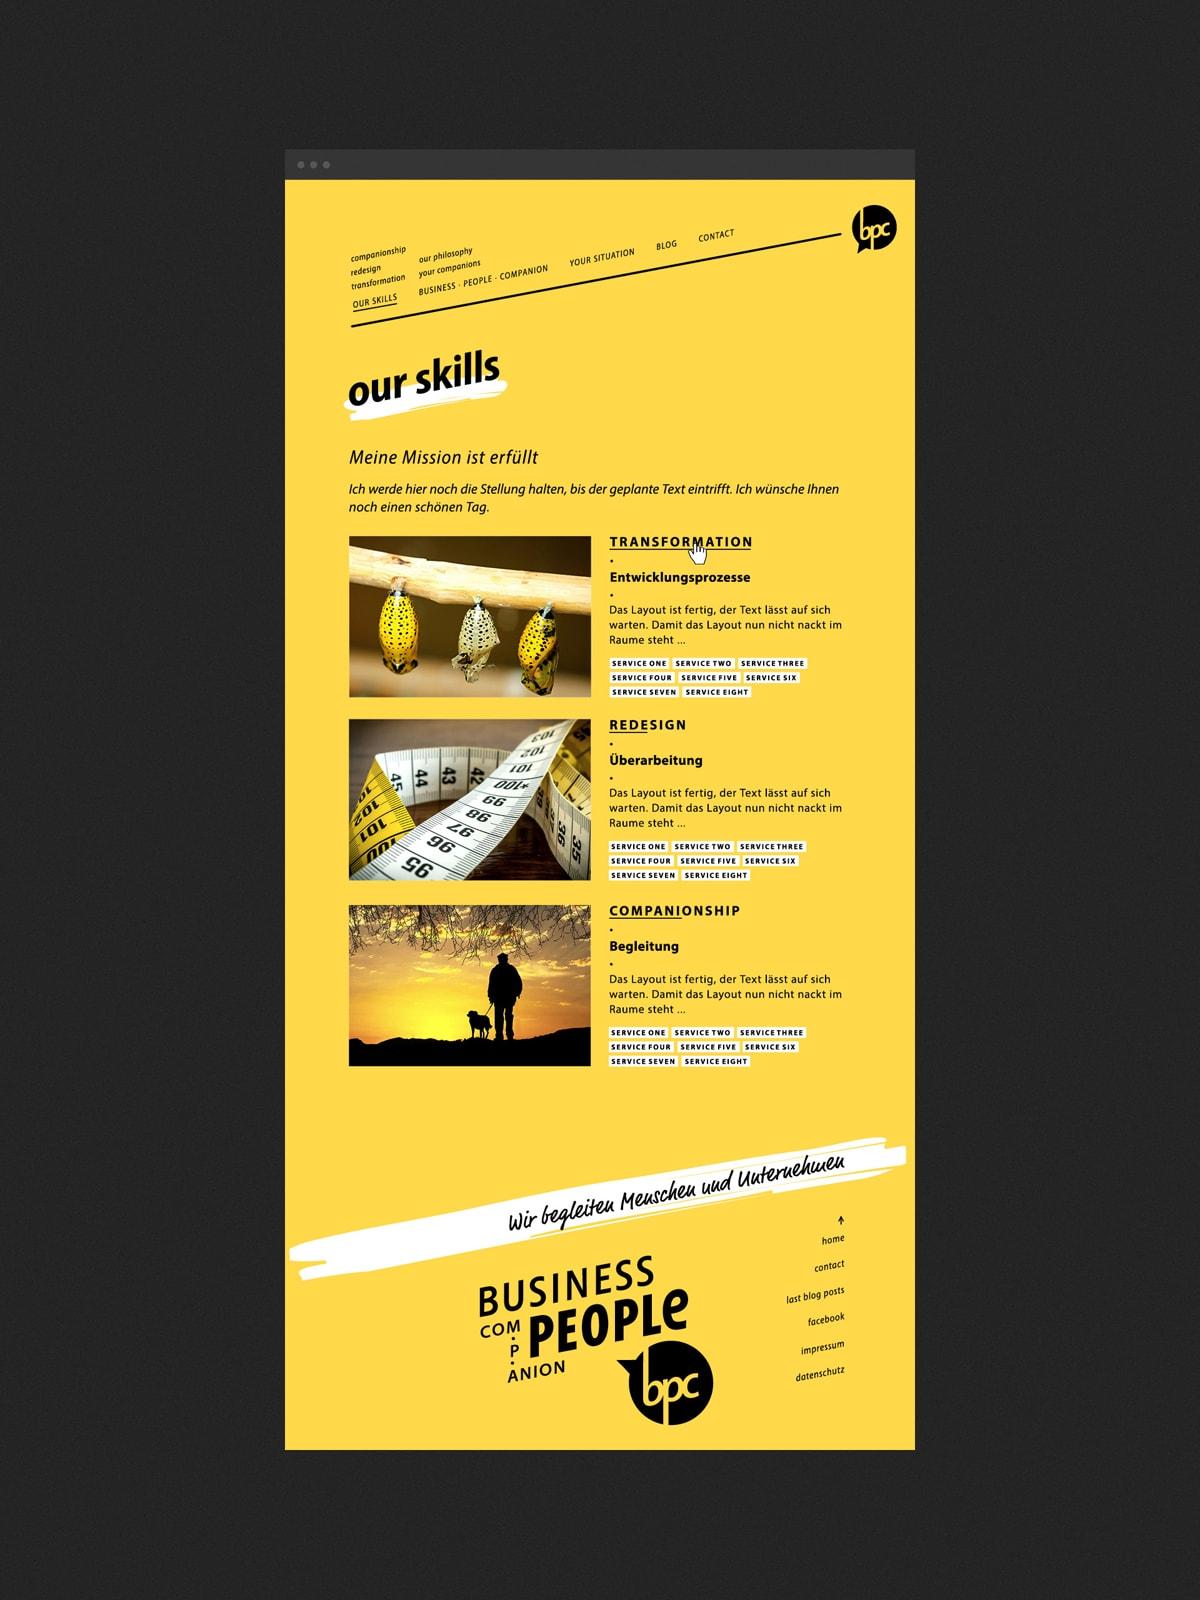 Screendesign/ Webdesign für eine Unternehmensberatung in der Region Trier/ Luxembourg. Als Beispiel eine gelbe Hauptseite der Corporate Website. Eine Konzeption der Werbeagentur mieker - Konzept Design Strategie. Designleistungen: Kommunikationskonzept, Corporate Identity Design, Screendesign, Webdesign, UX Design, Logodesign und online Werbung.